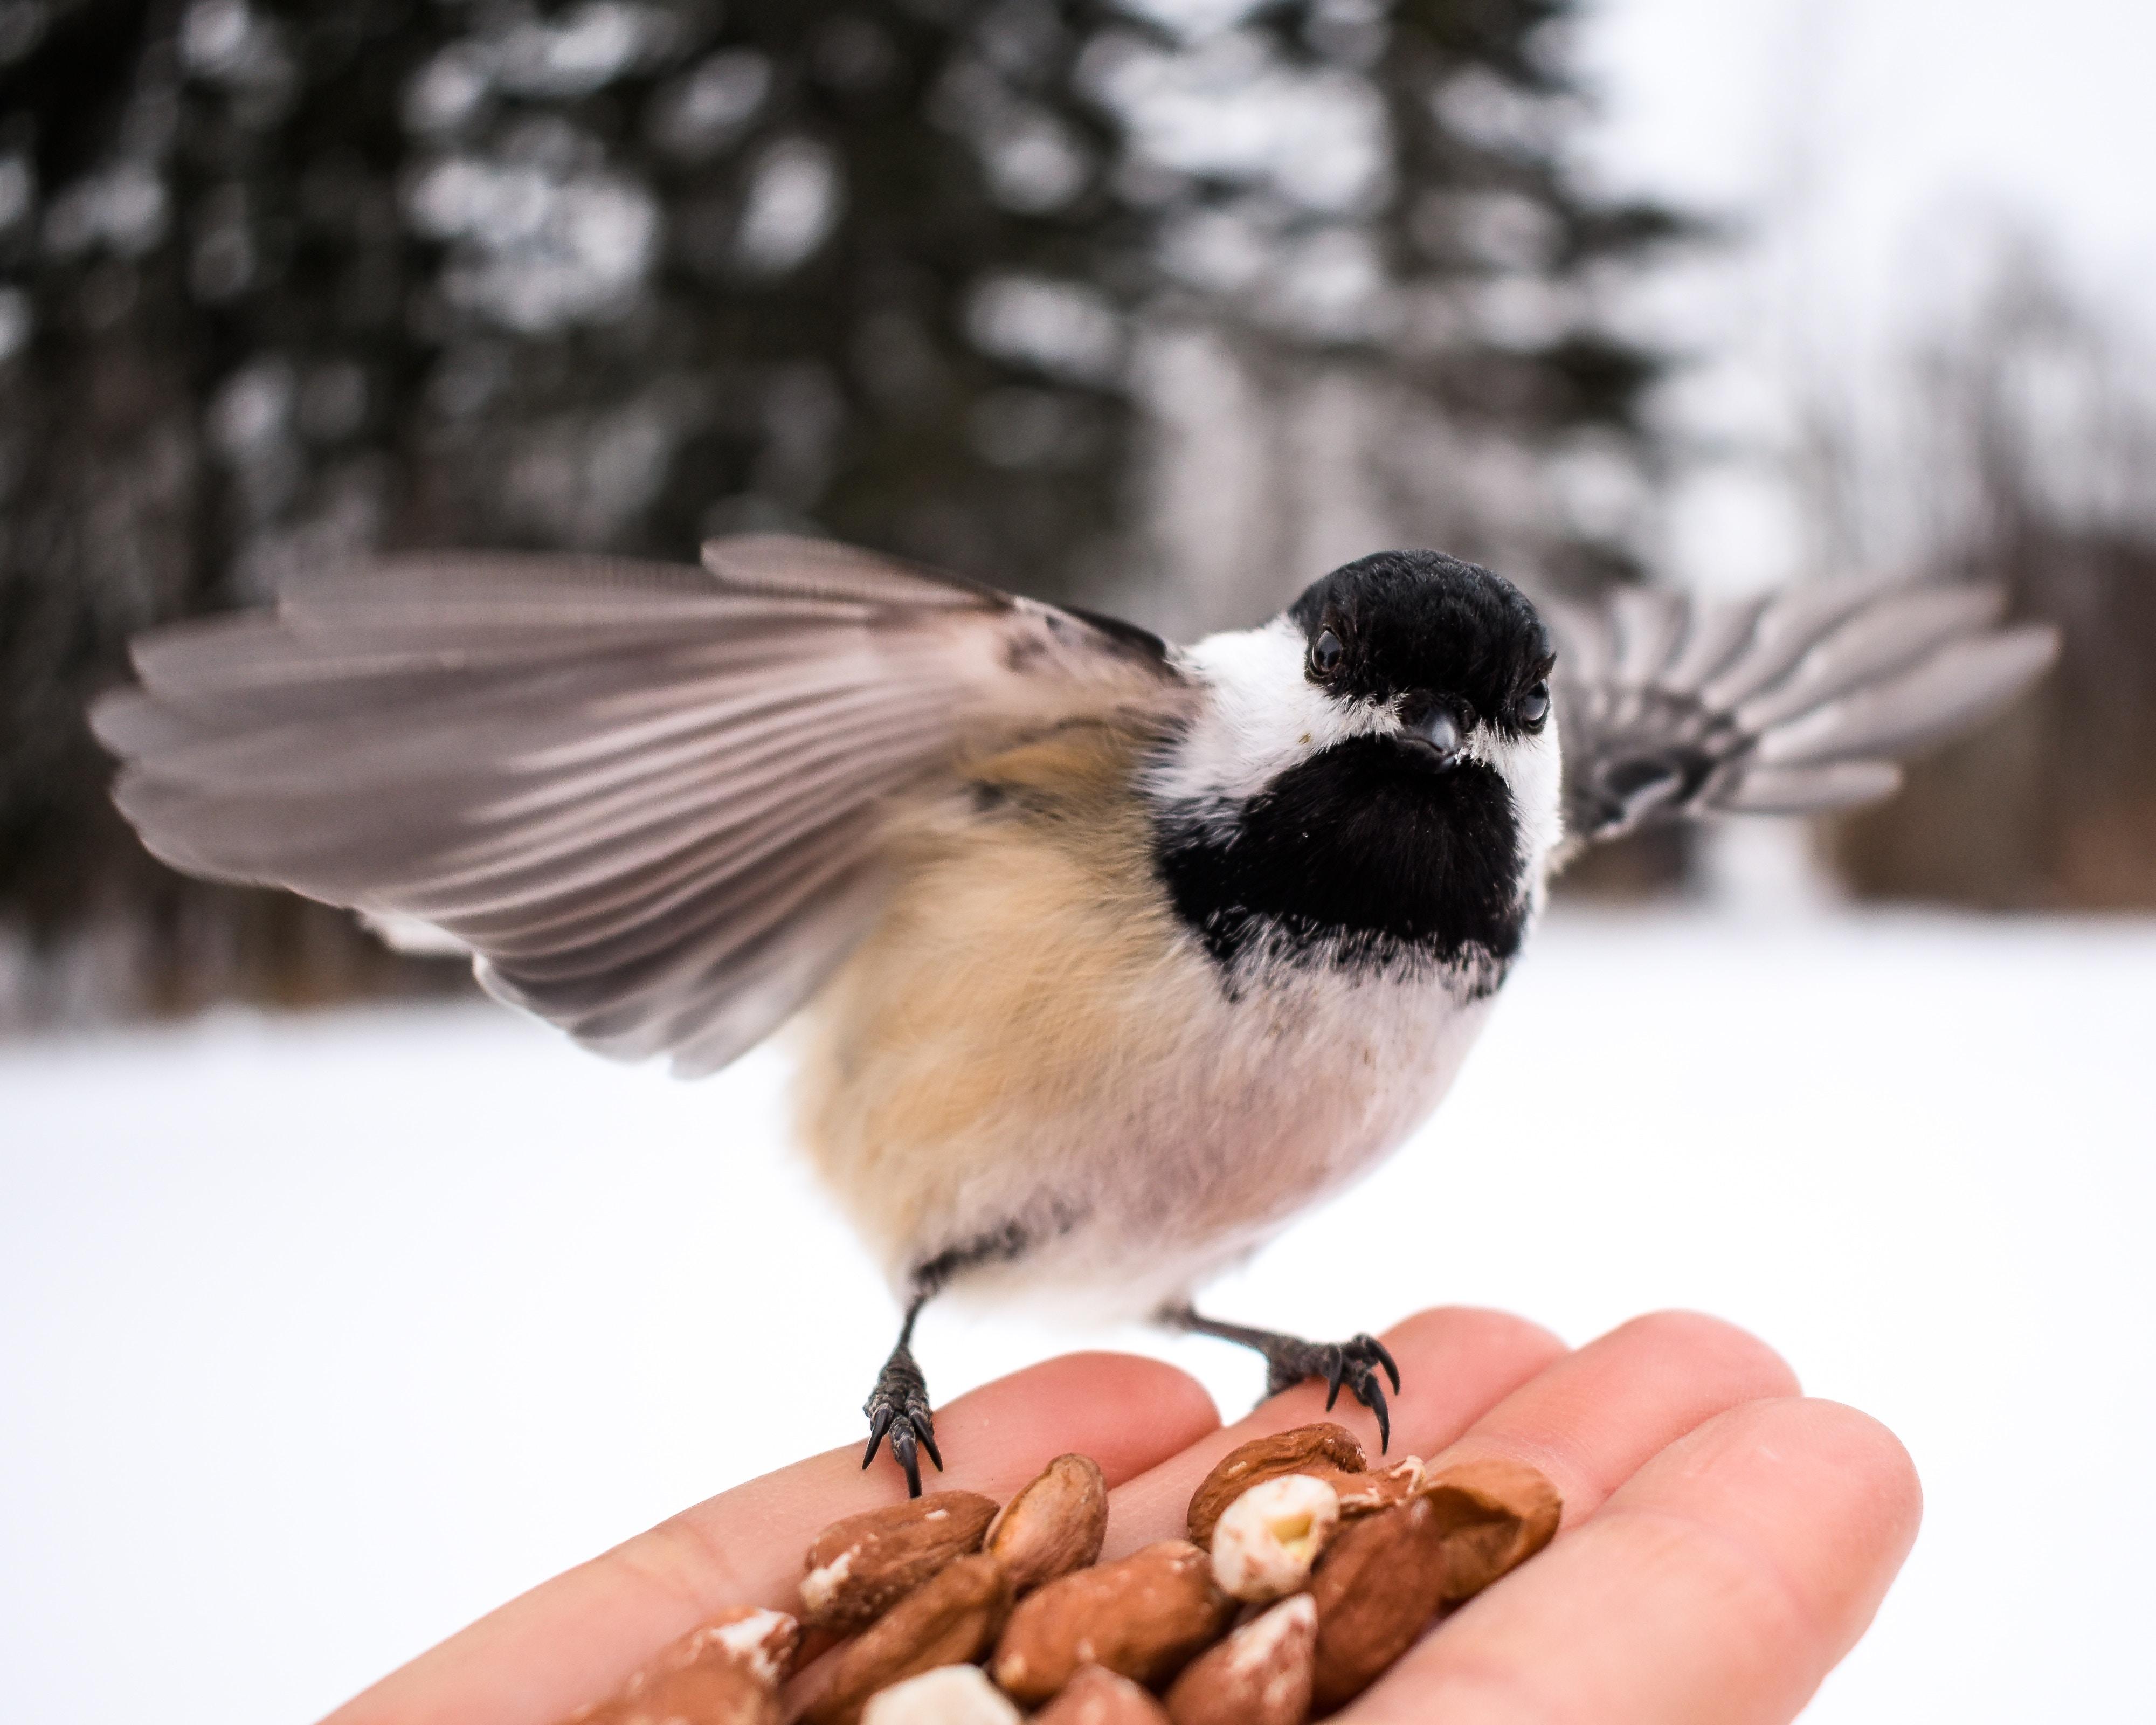 karmienie ptaków, dokarmianie, karmnik, czy karmić ptaki z ręki, oswajanie ptaków, blog o dzikich zwierzętach, animalistka.pl